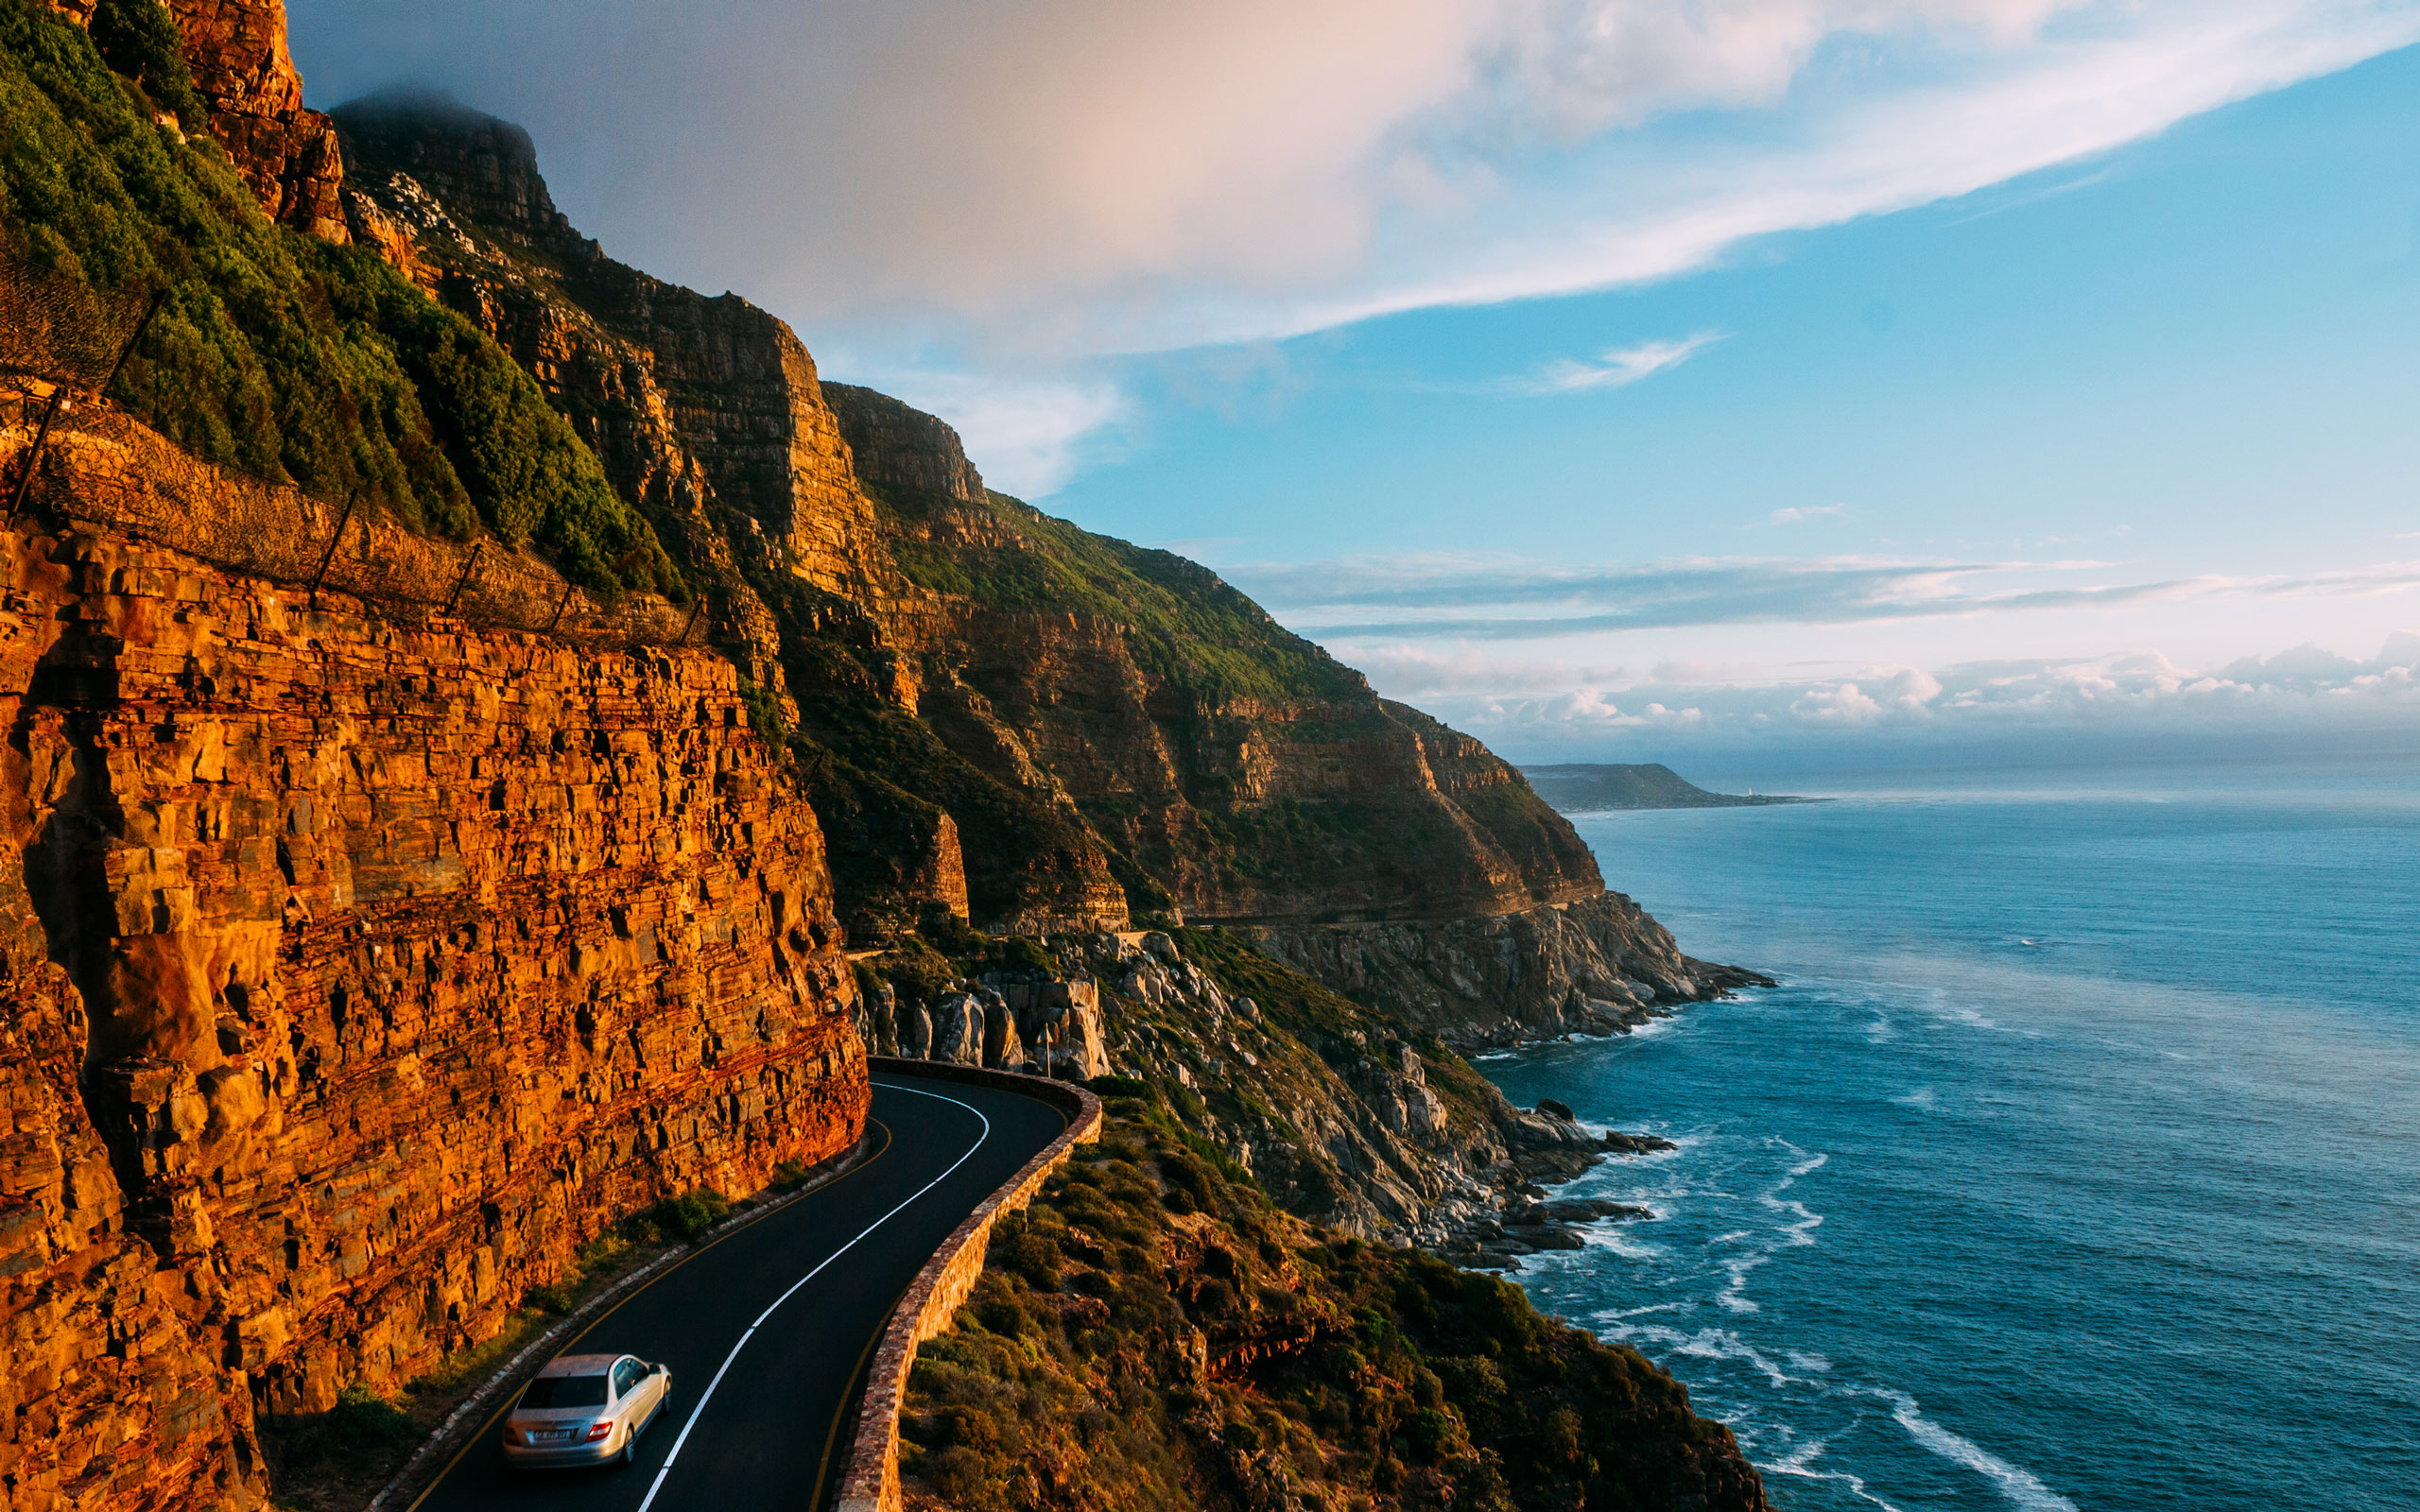 Cape Town Tourism Hout Bay Chapmans Peak Drive sudafrica ciudad del cabo enkosi africa viajar a ciudad del cabo